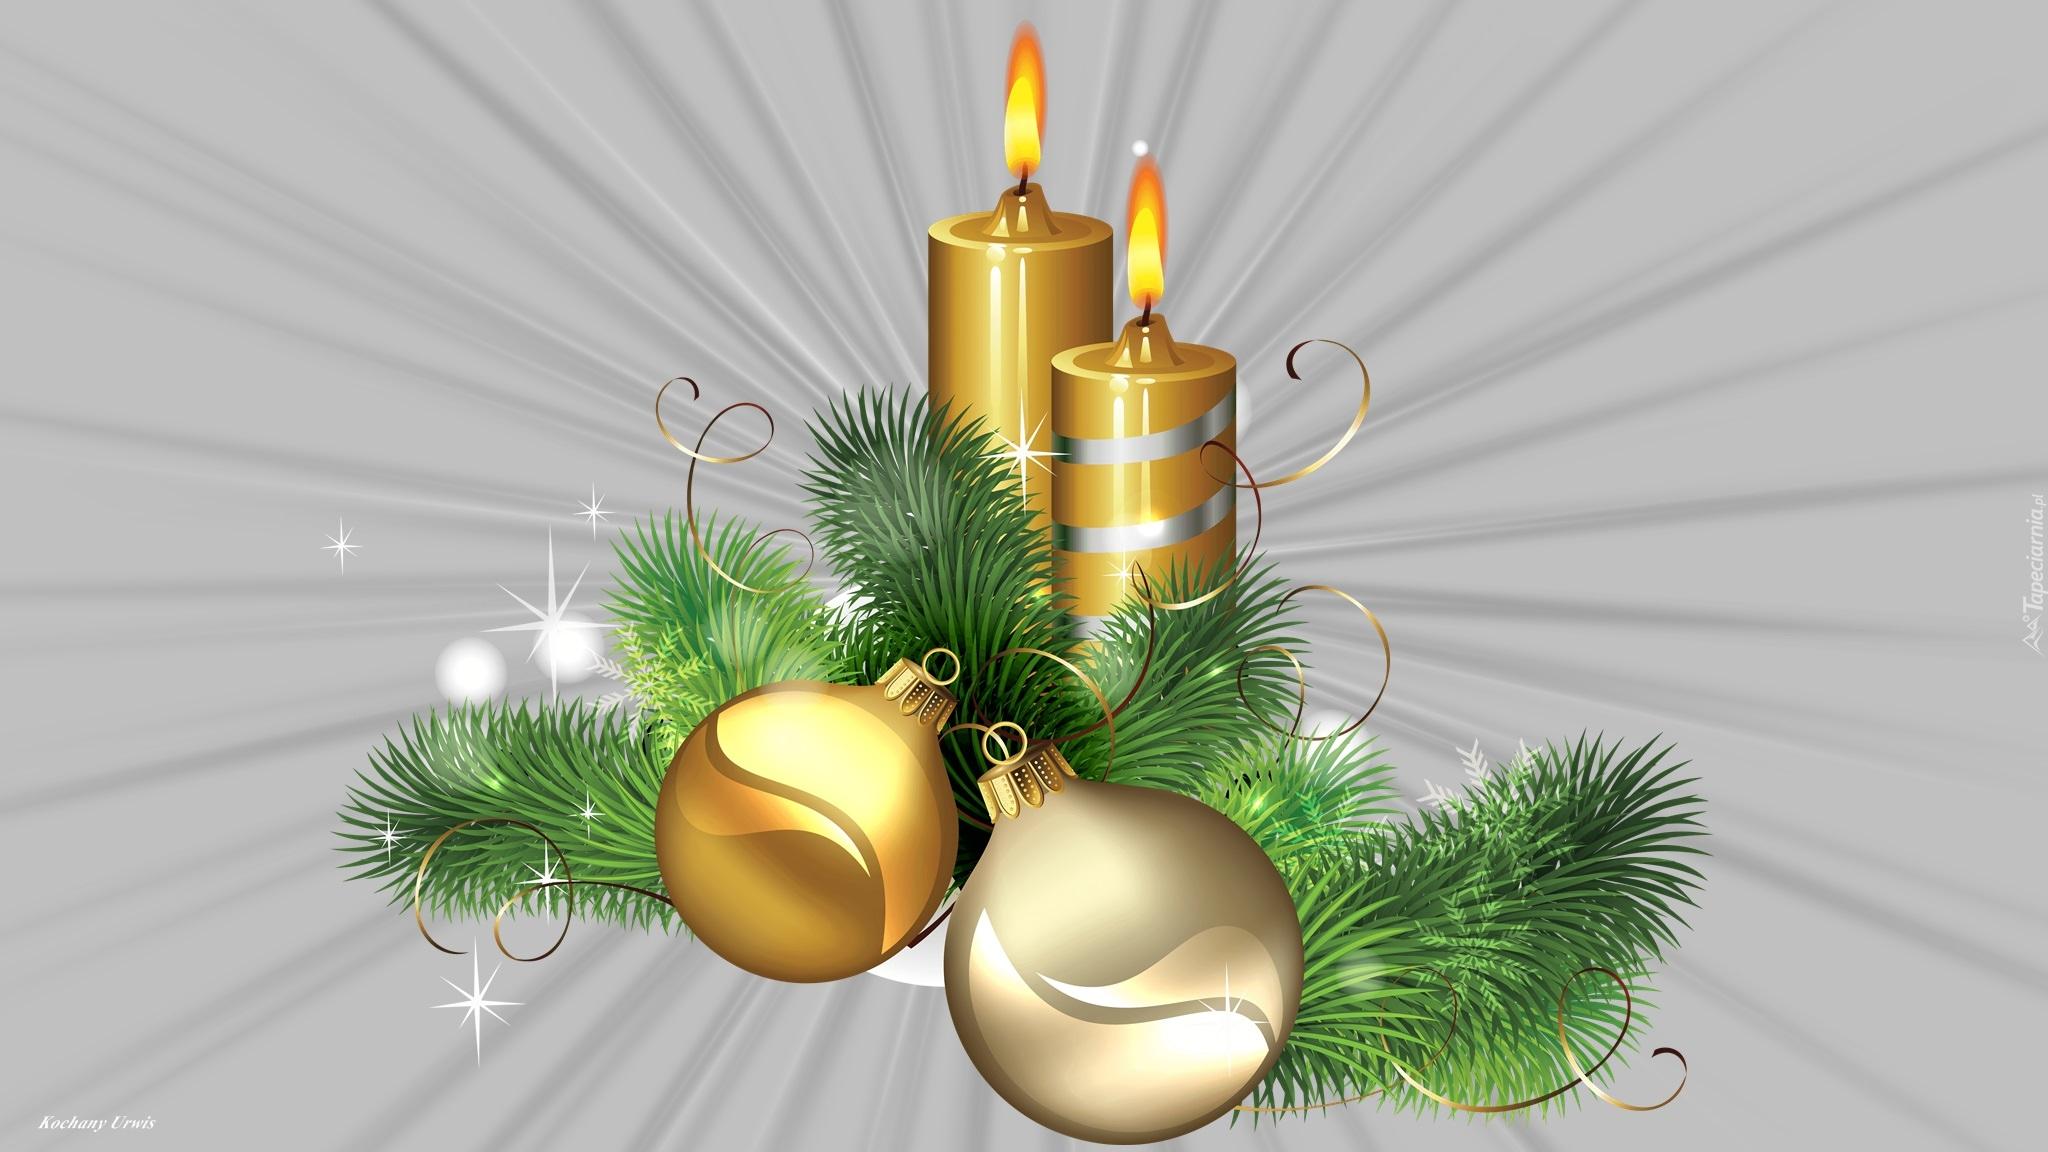 Grafika bożonarodzeniowa ze świecą i bombkami